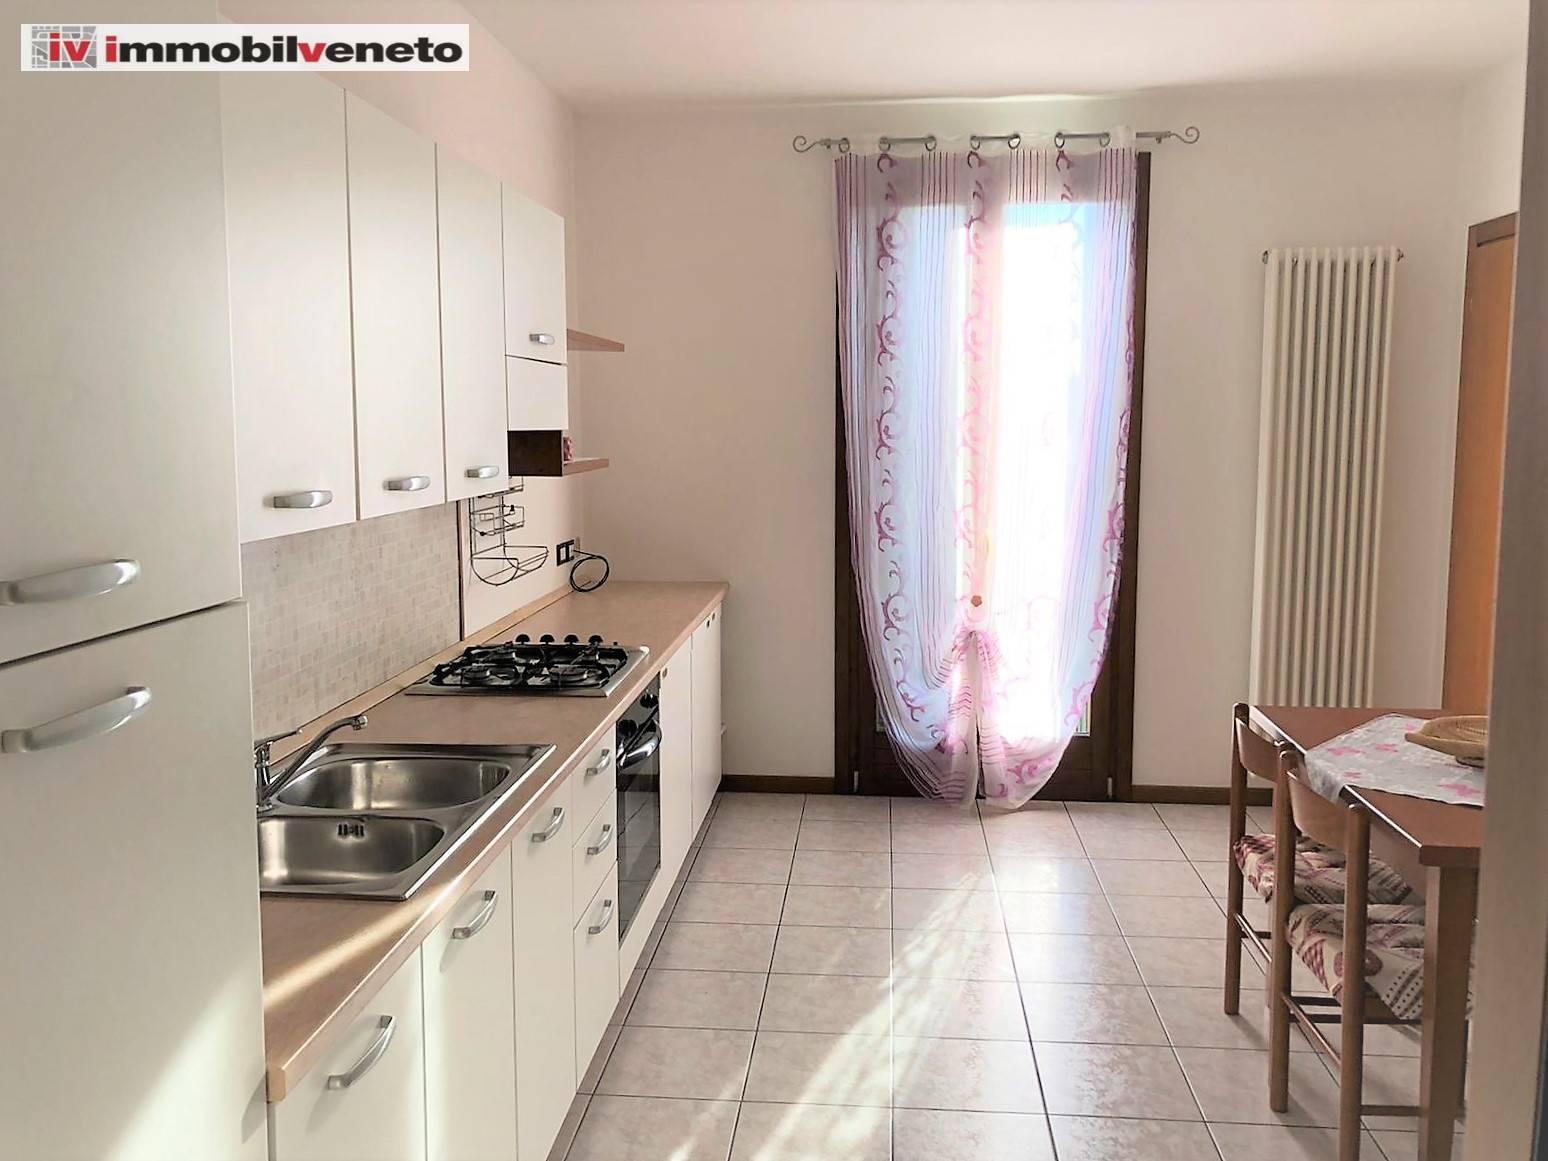 Appartamento in vendita a Orgiano, 2 locali, zona Zona: Spessa, prezzo € 50.000 | CambioCasa.it